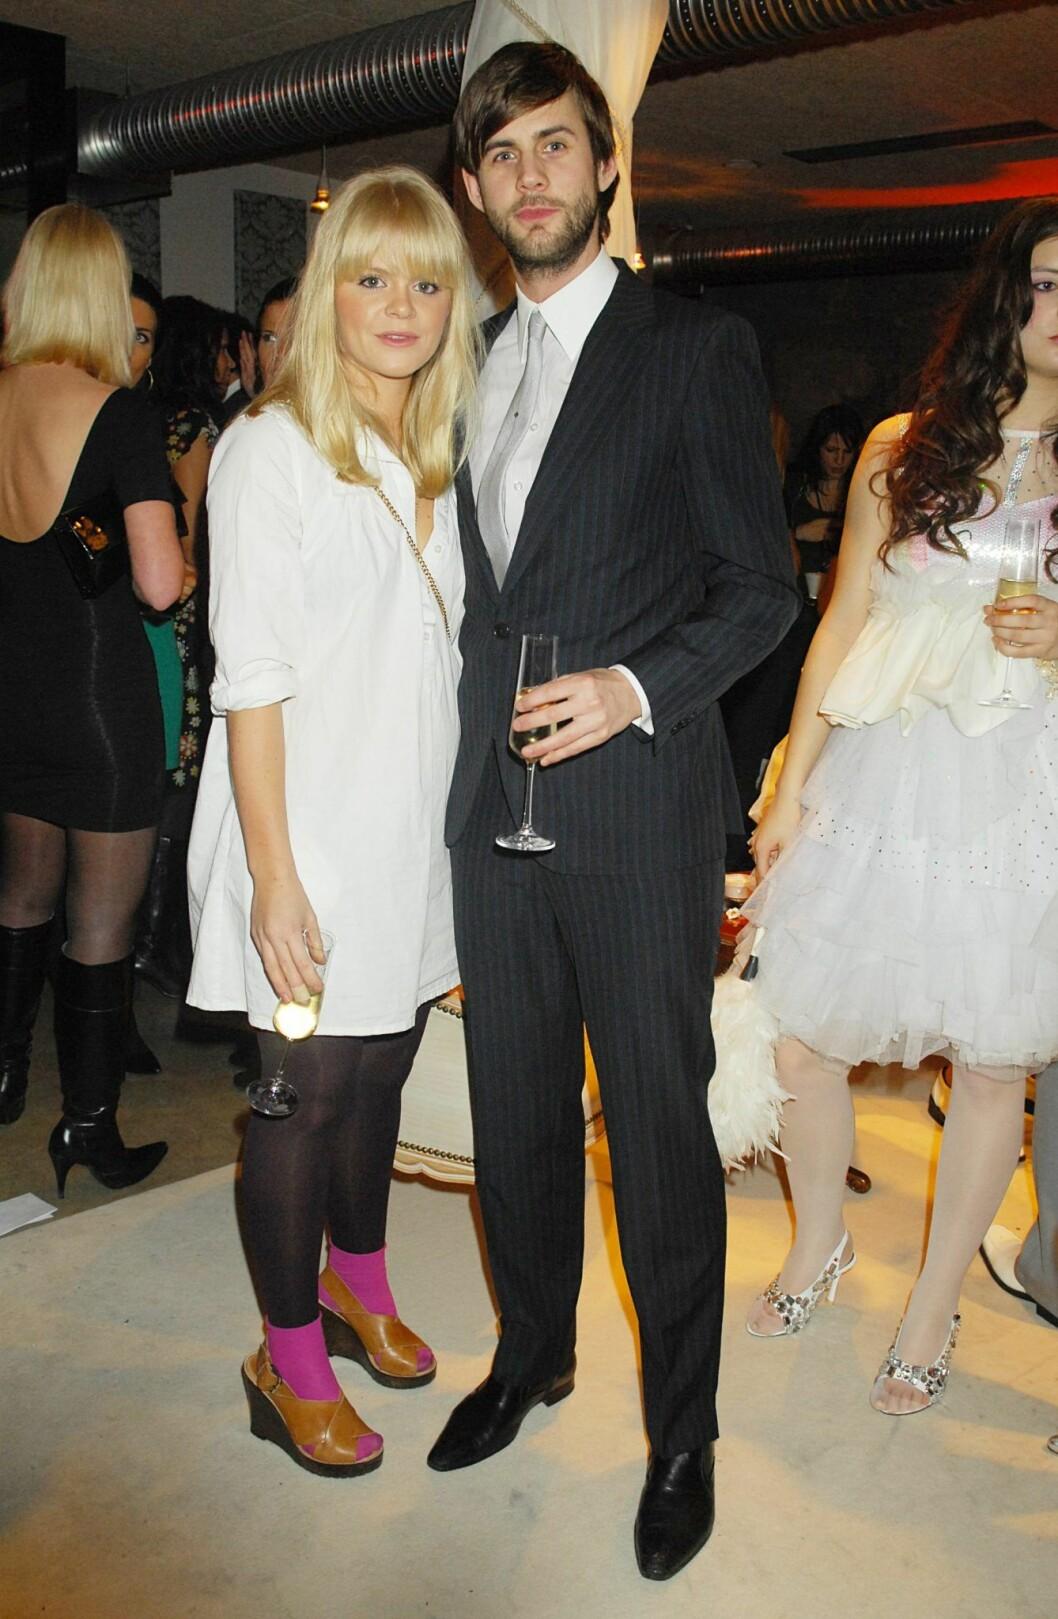 2008 hade Linda Lernström och Pär Lernström en något annorlunda look.